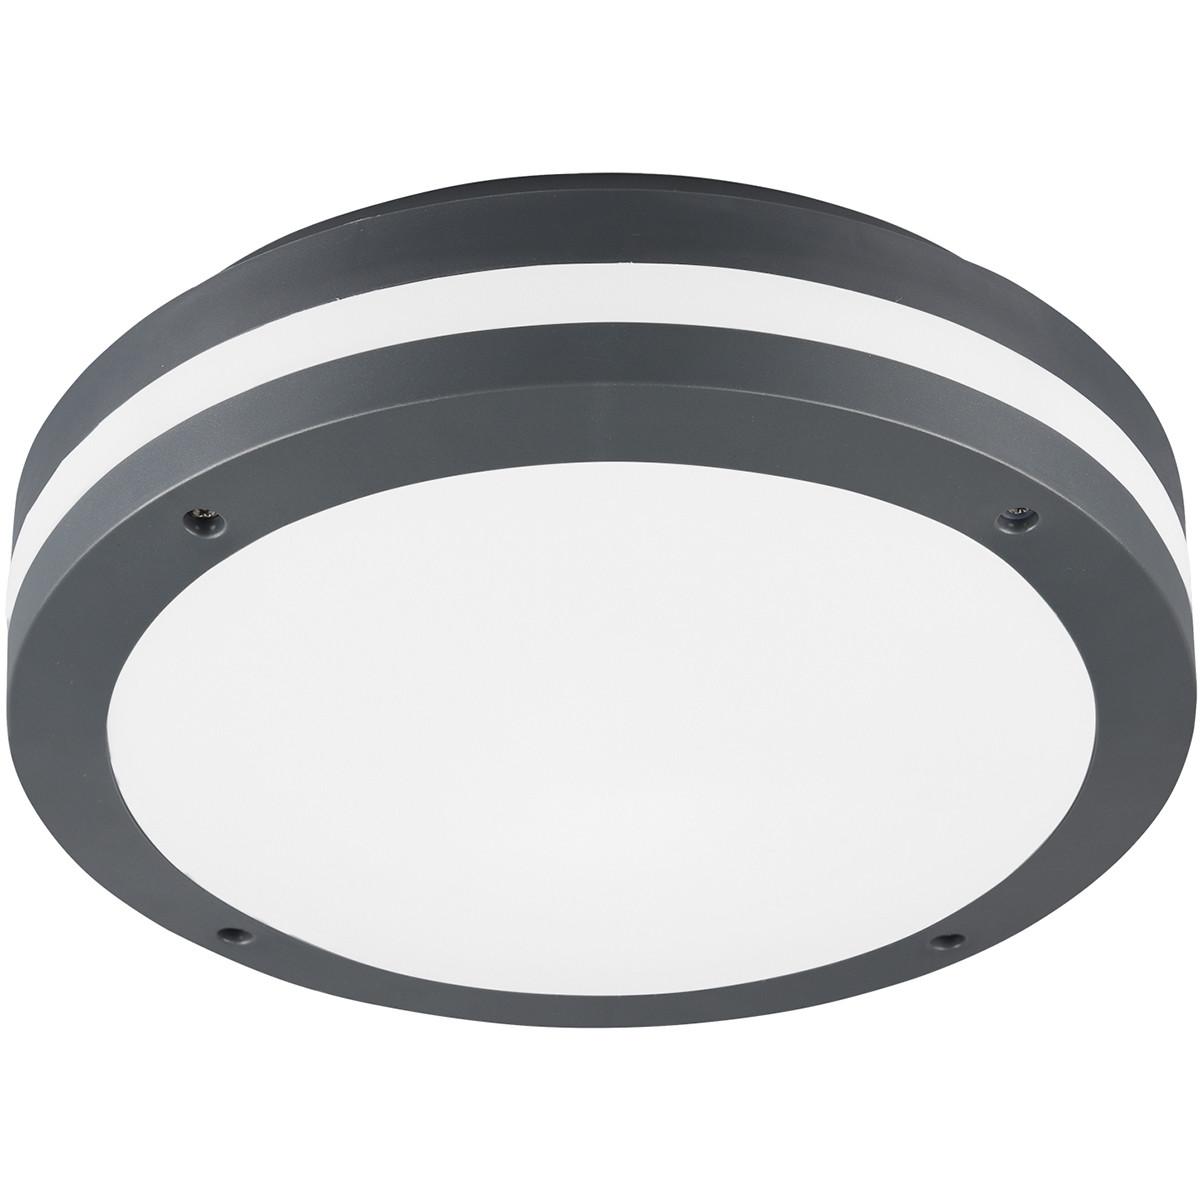 LED Plafondlamp - Trion Keraly - Opbouw Rond - Bewegingssensor - Waterdicht - 12W - Mat Zwart - Kuns